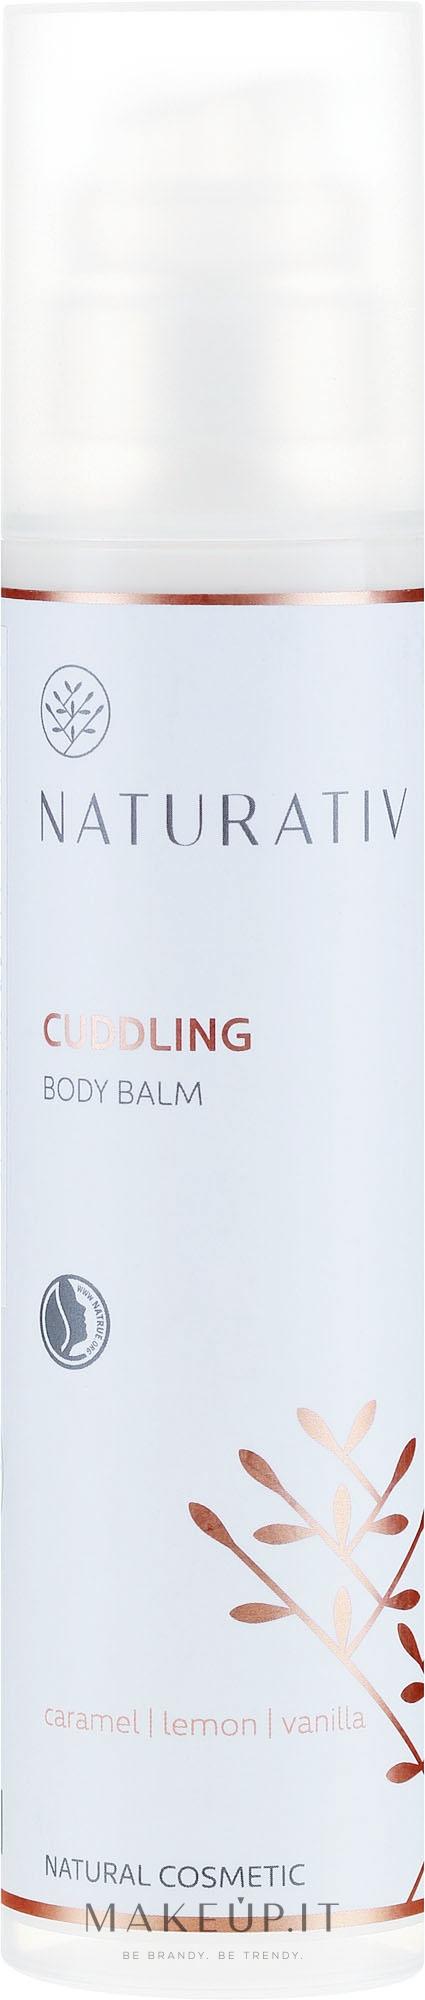 Balsamo corpo idratante - Naturativ Cuddling Body Balm — foto 200 ml